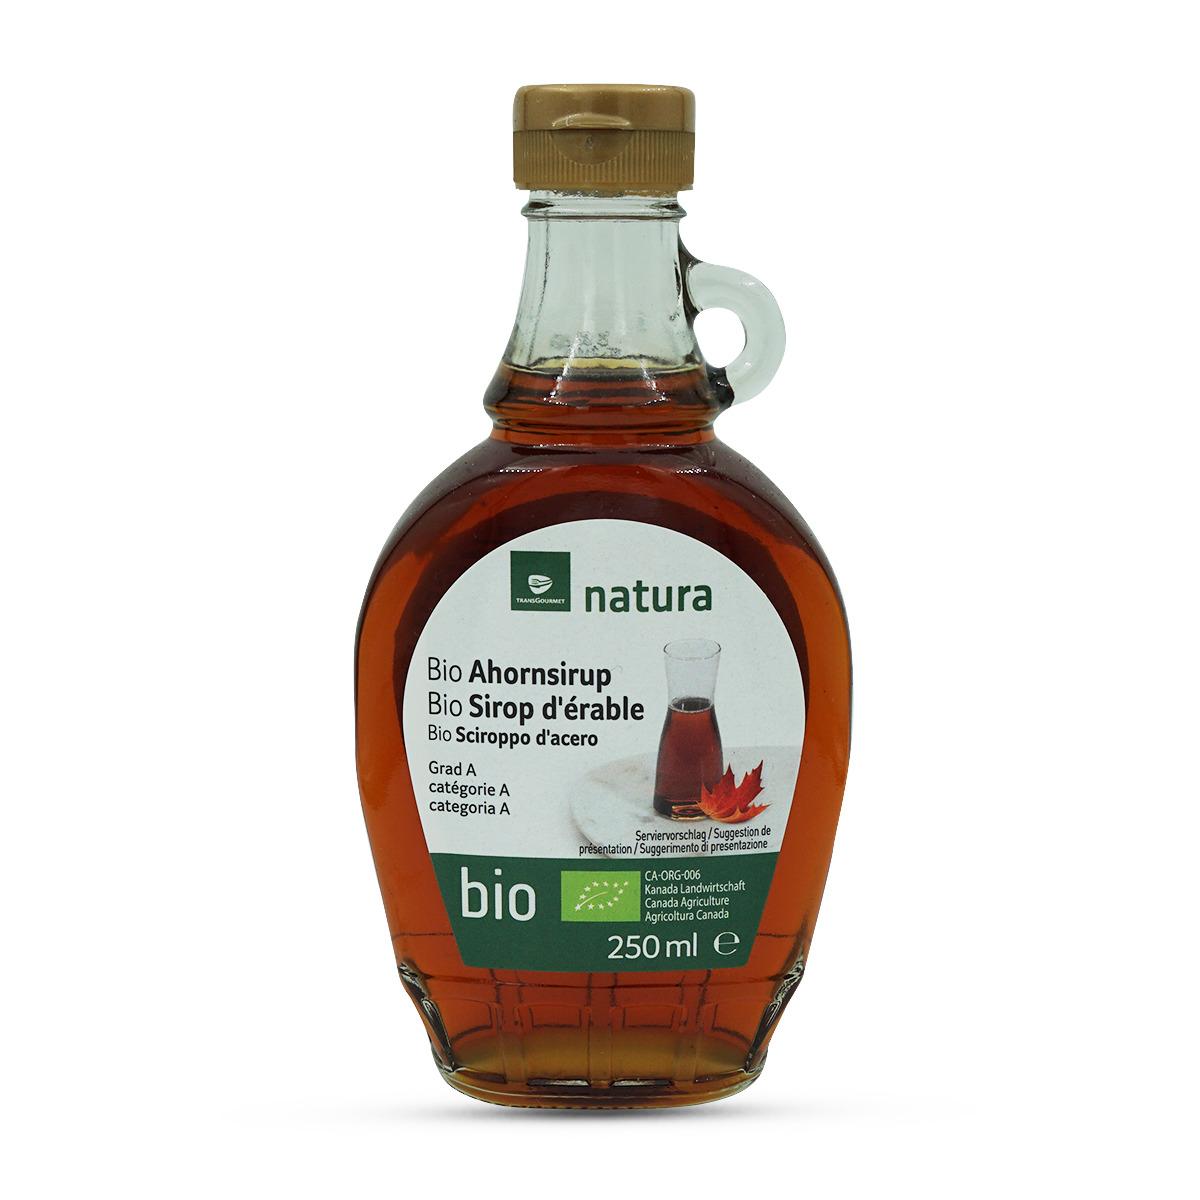 Natura Bio Ahornsirup